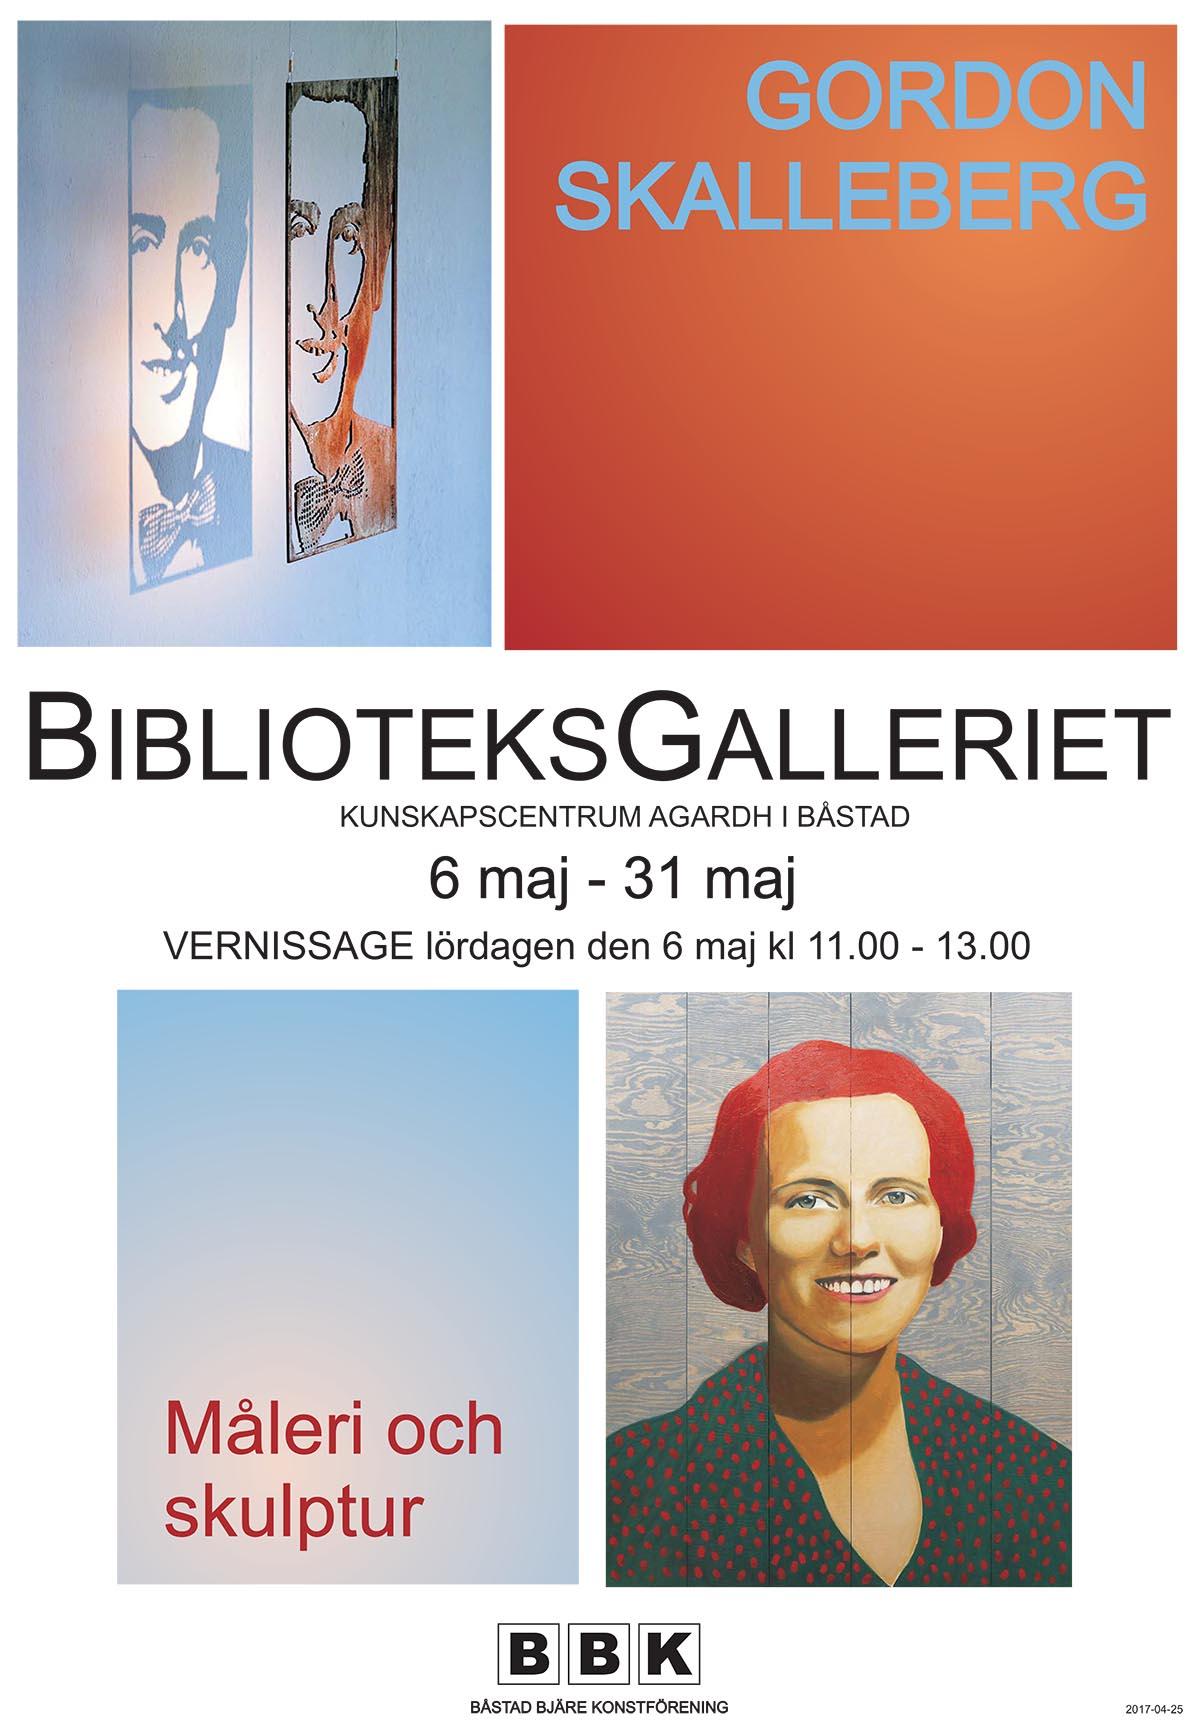 Gordon Skalleberg.cdr